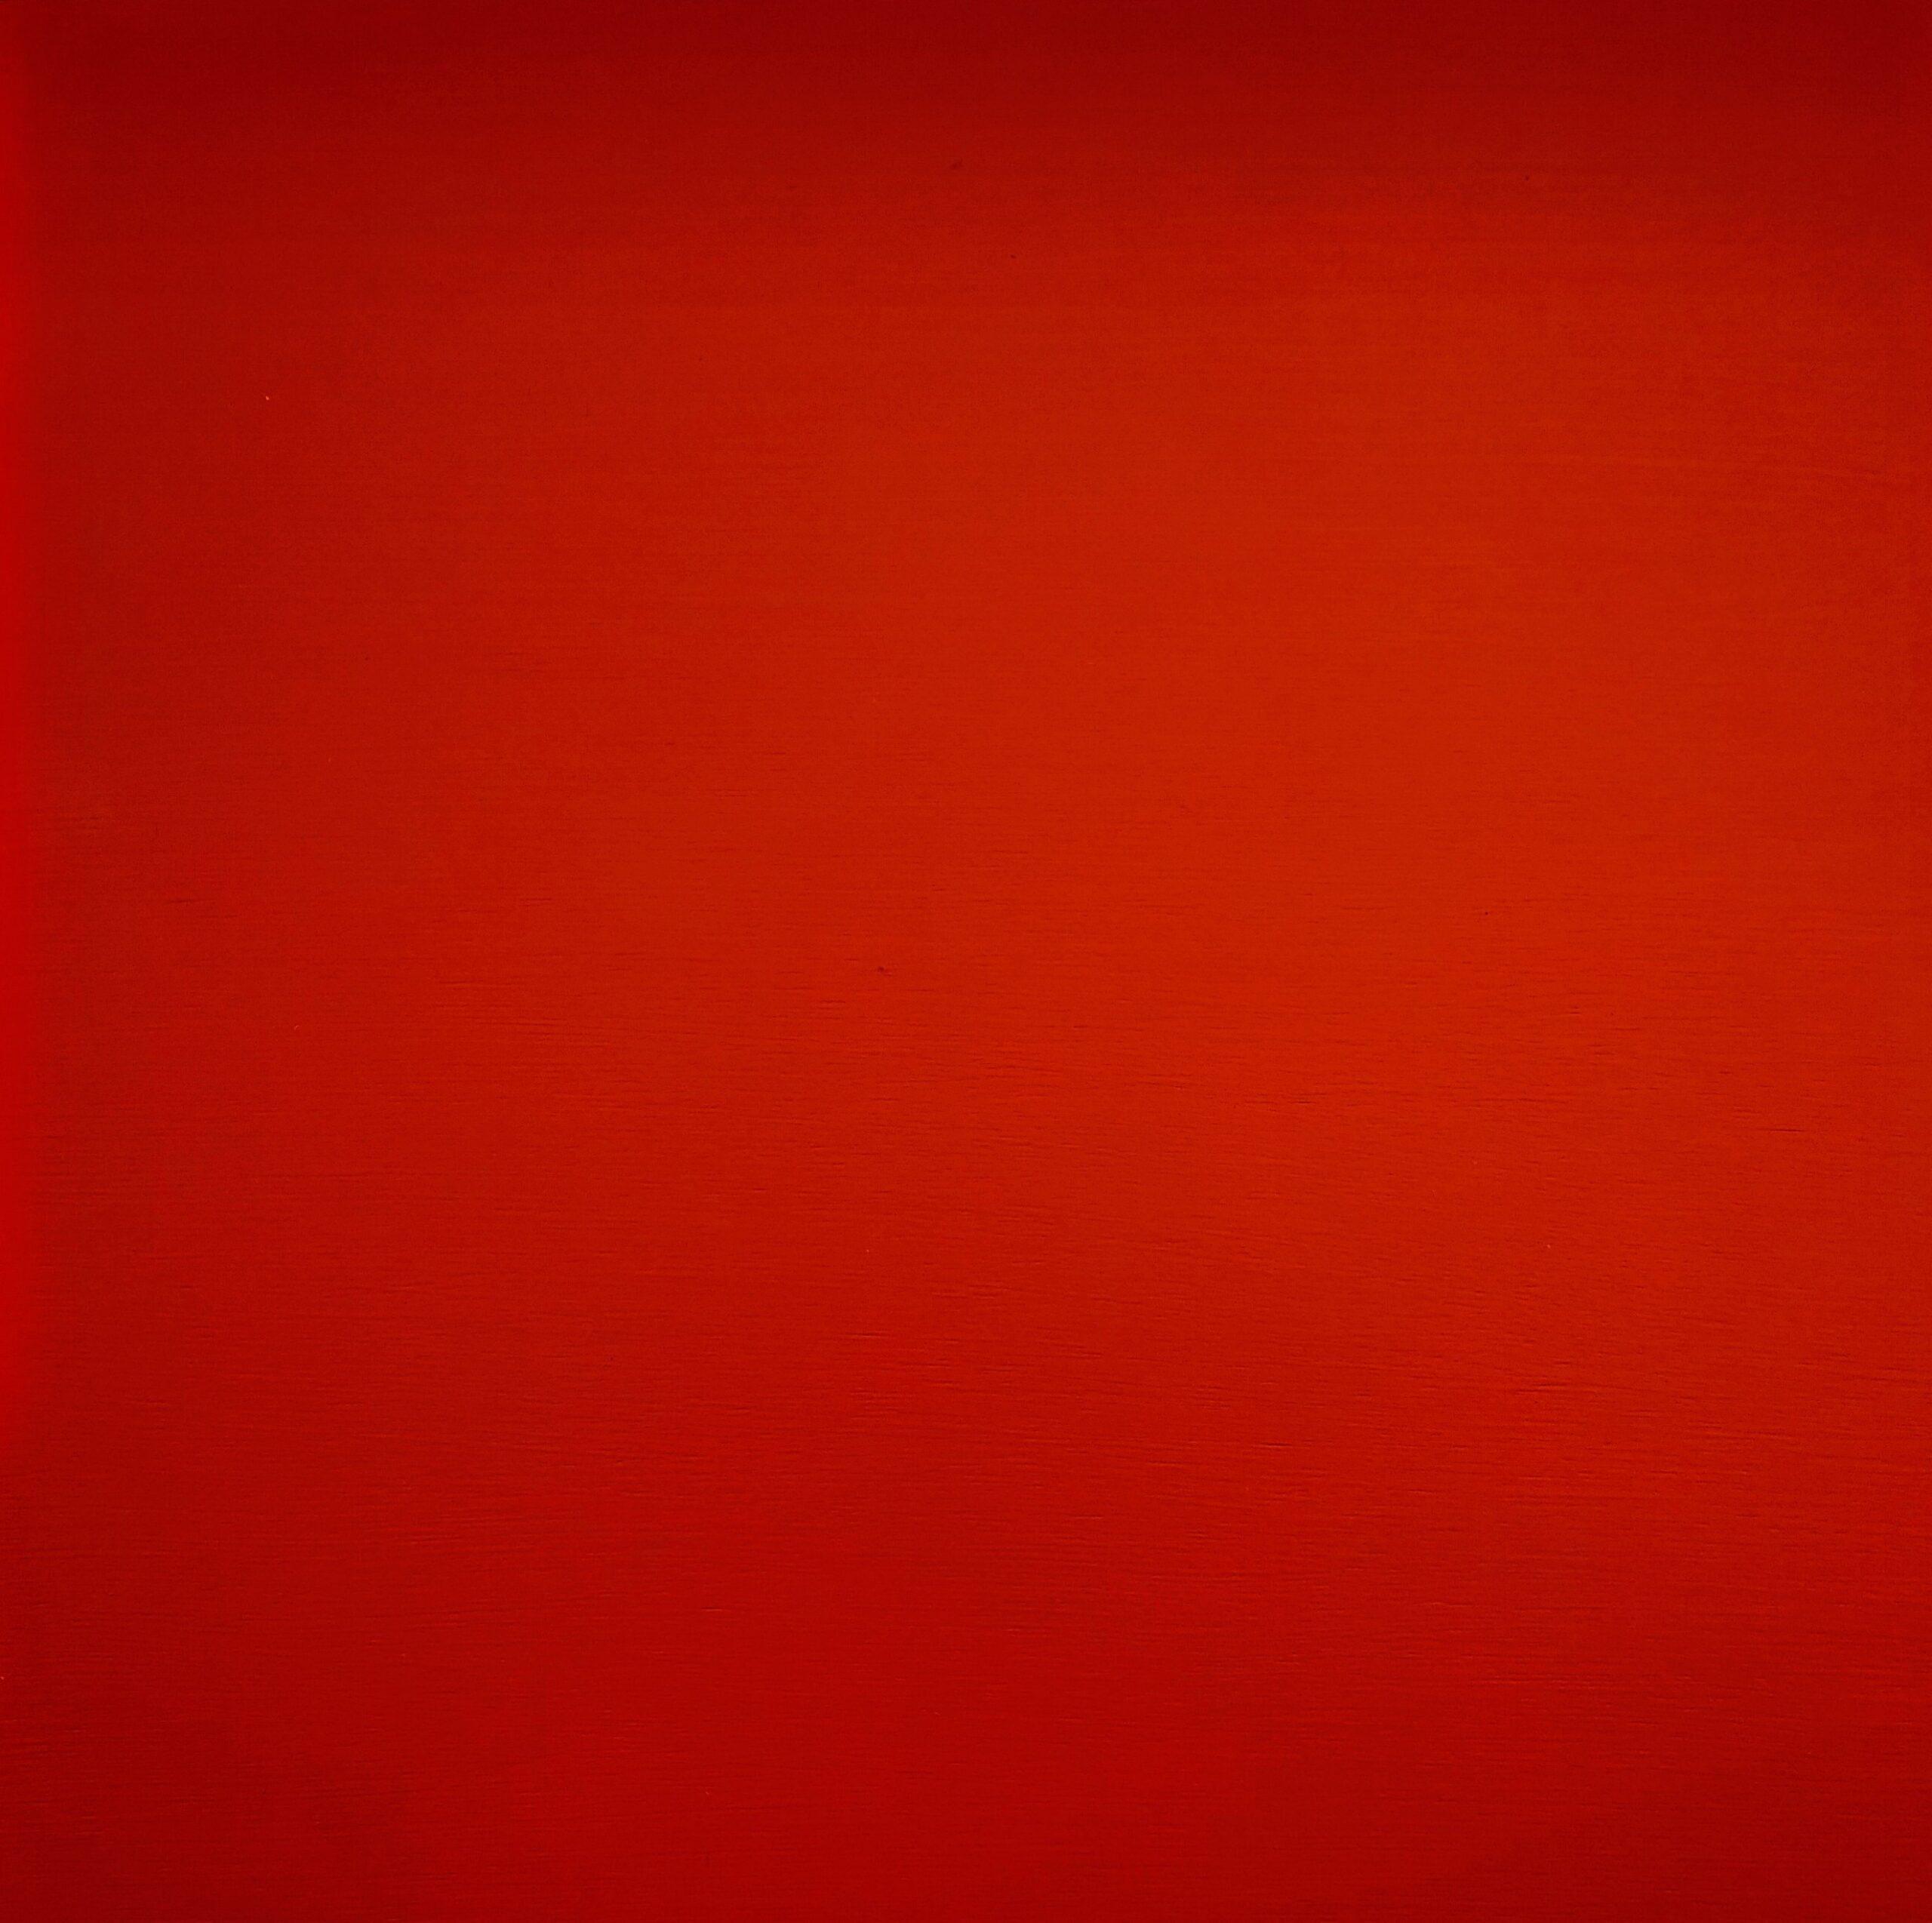 Red Brick Matt